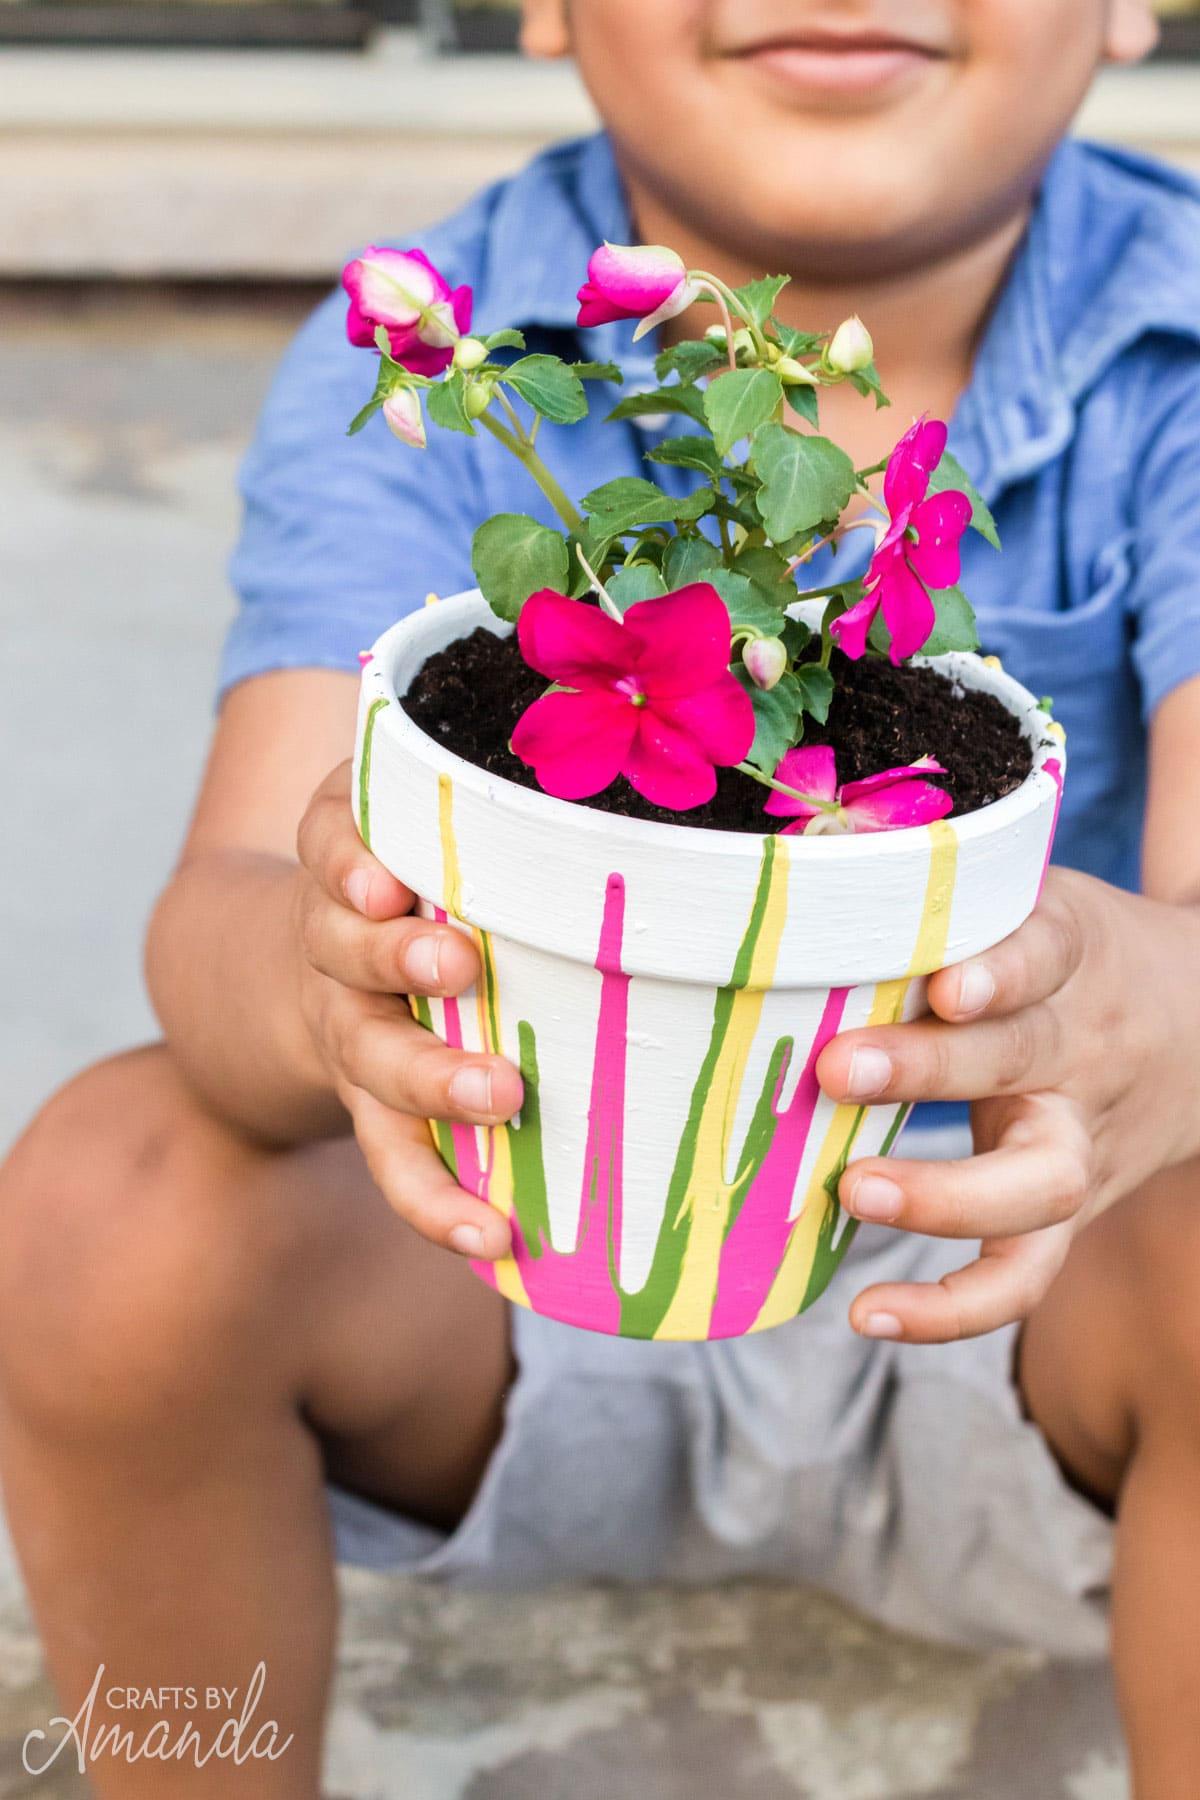 little boy holding a pot of flowers